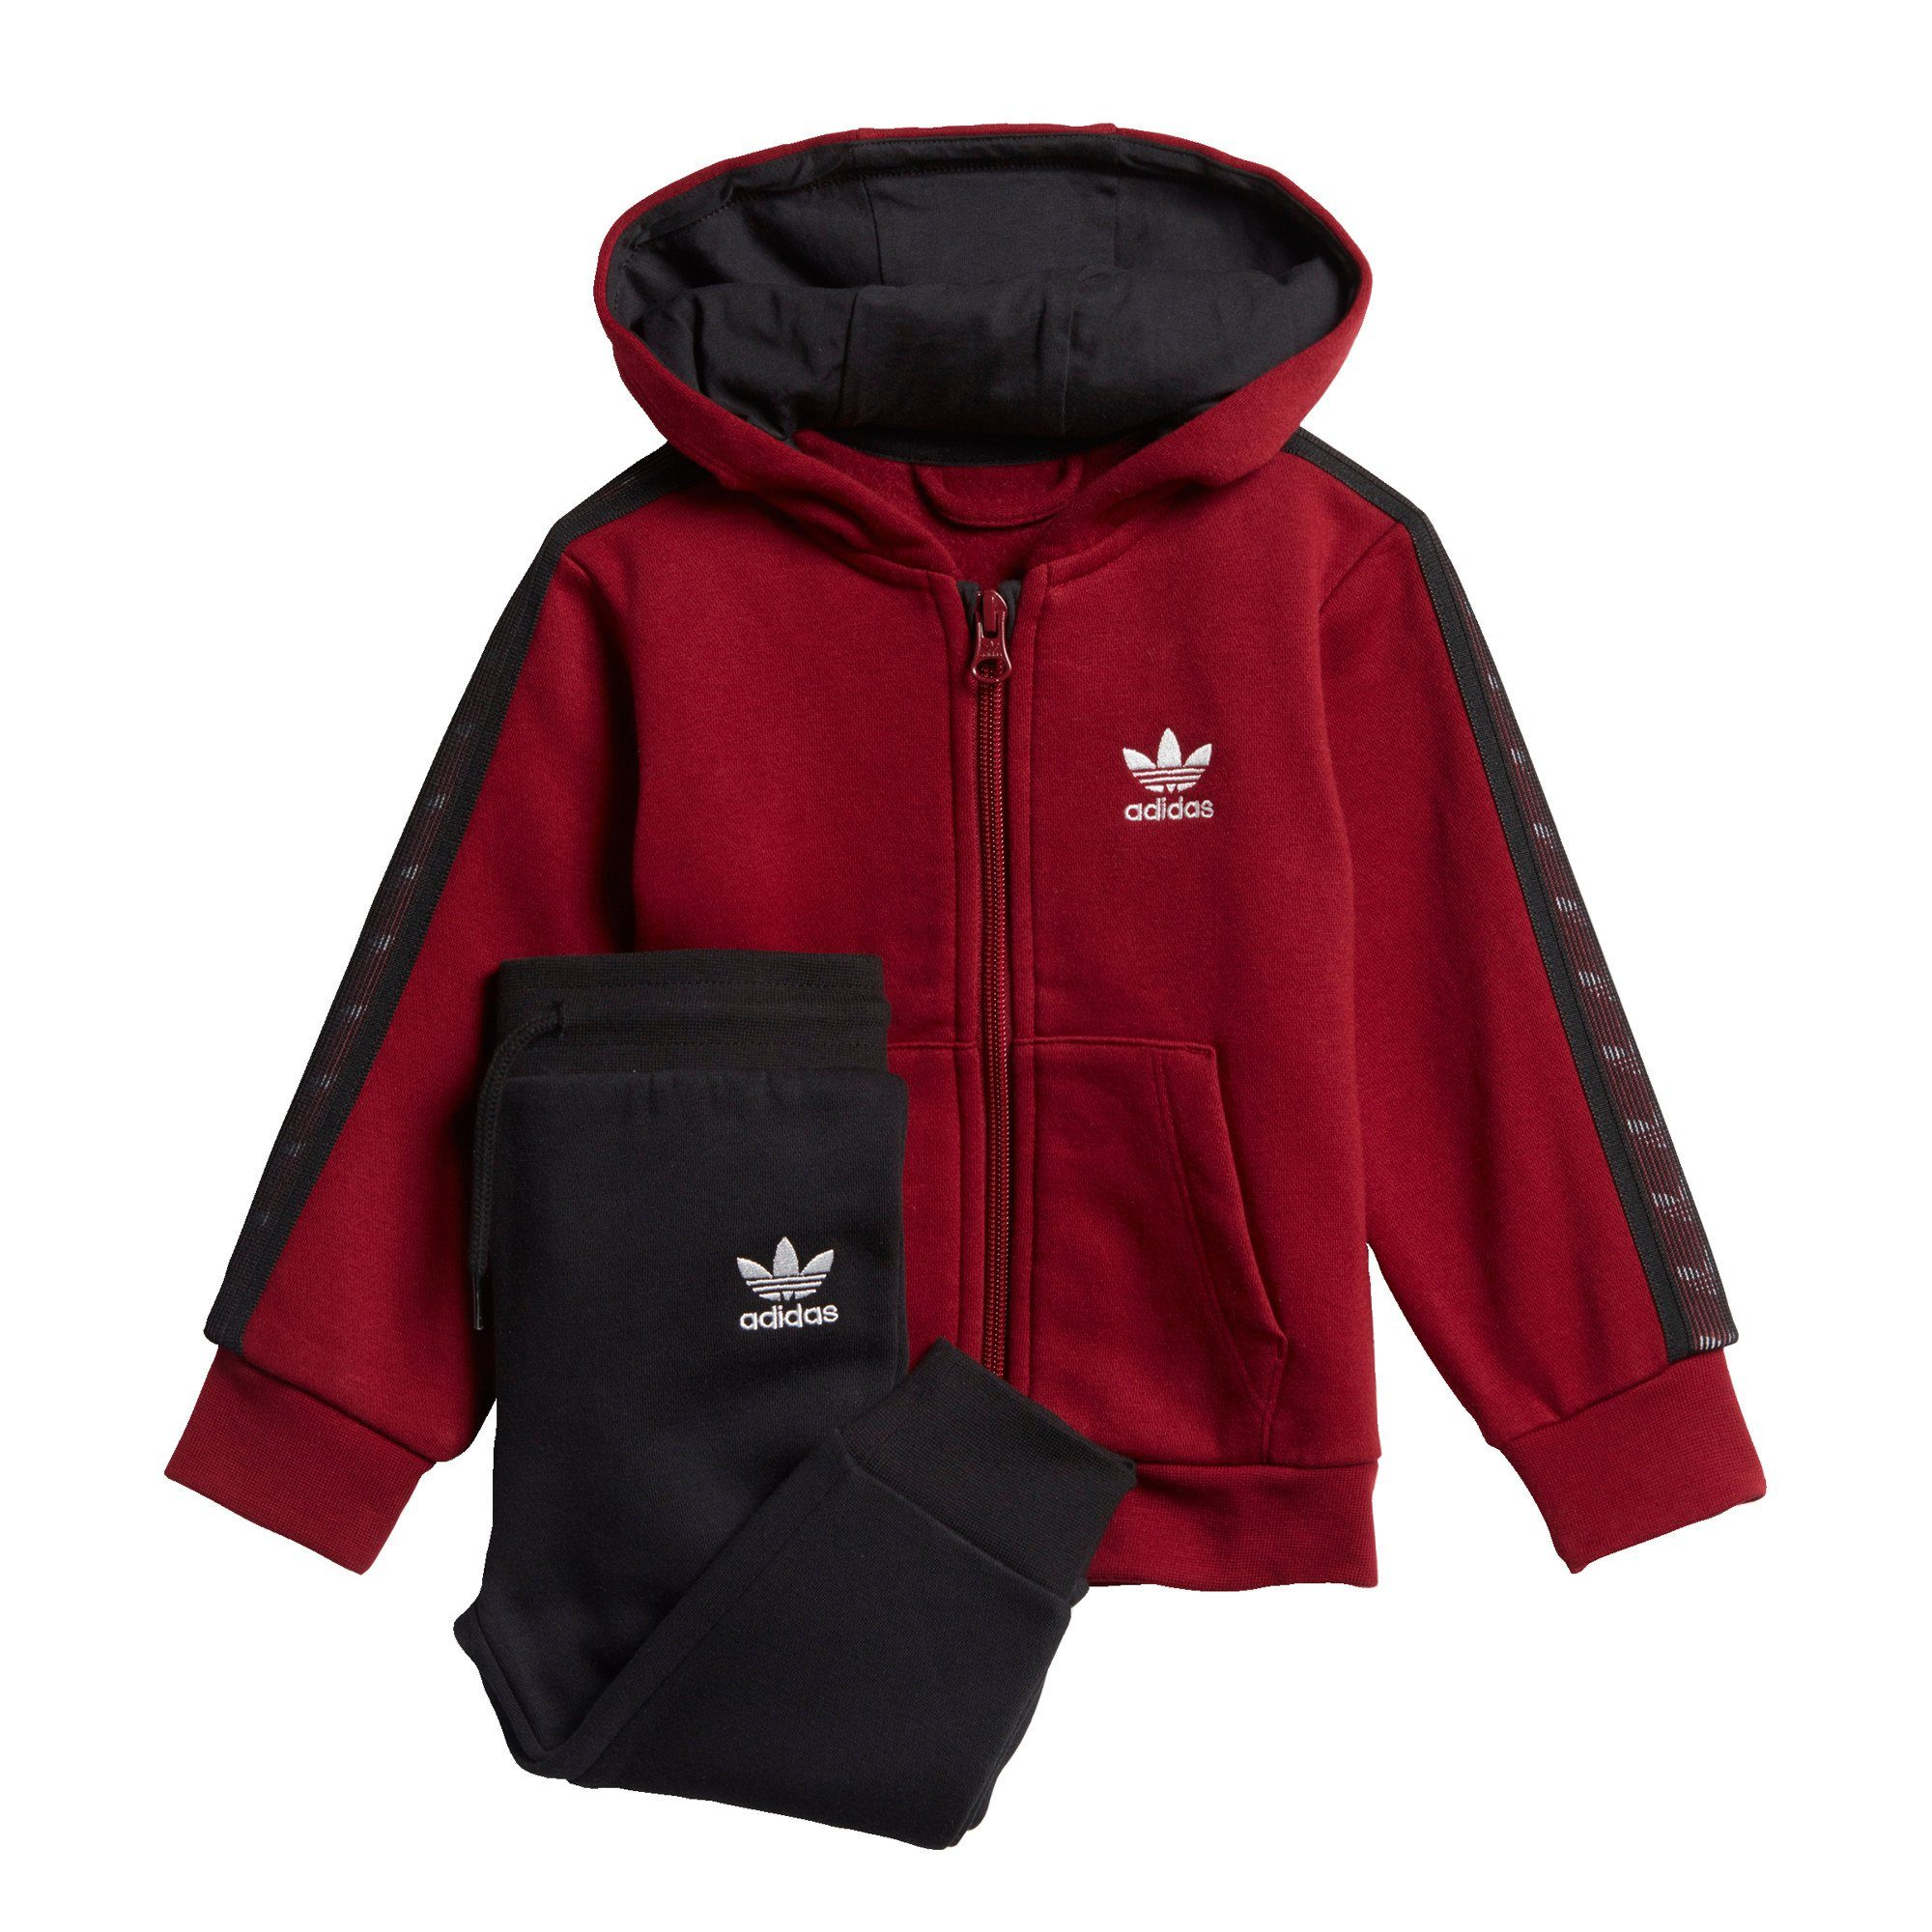 adidas Originals Trainingsanzug »Hoodie Set«   OTTO